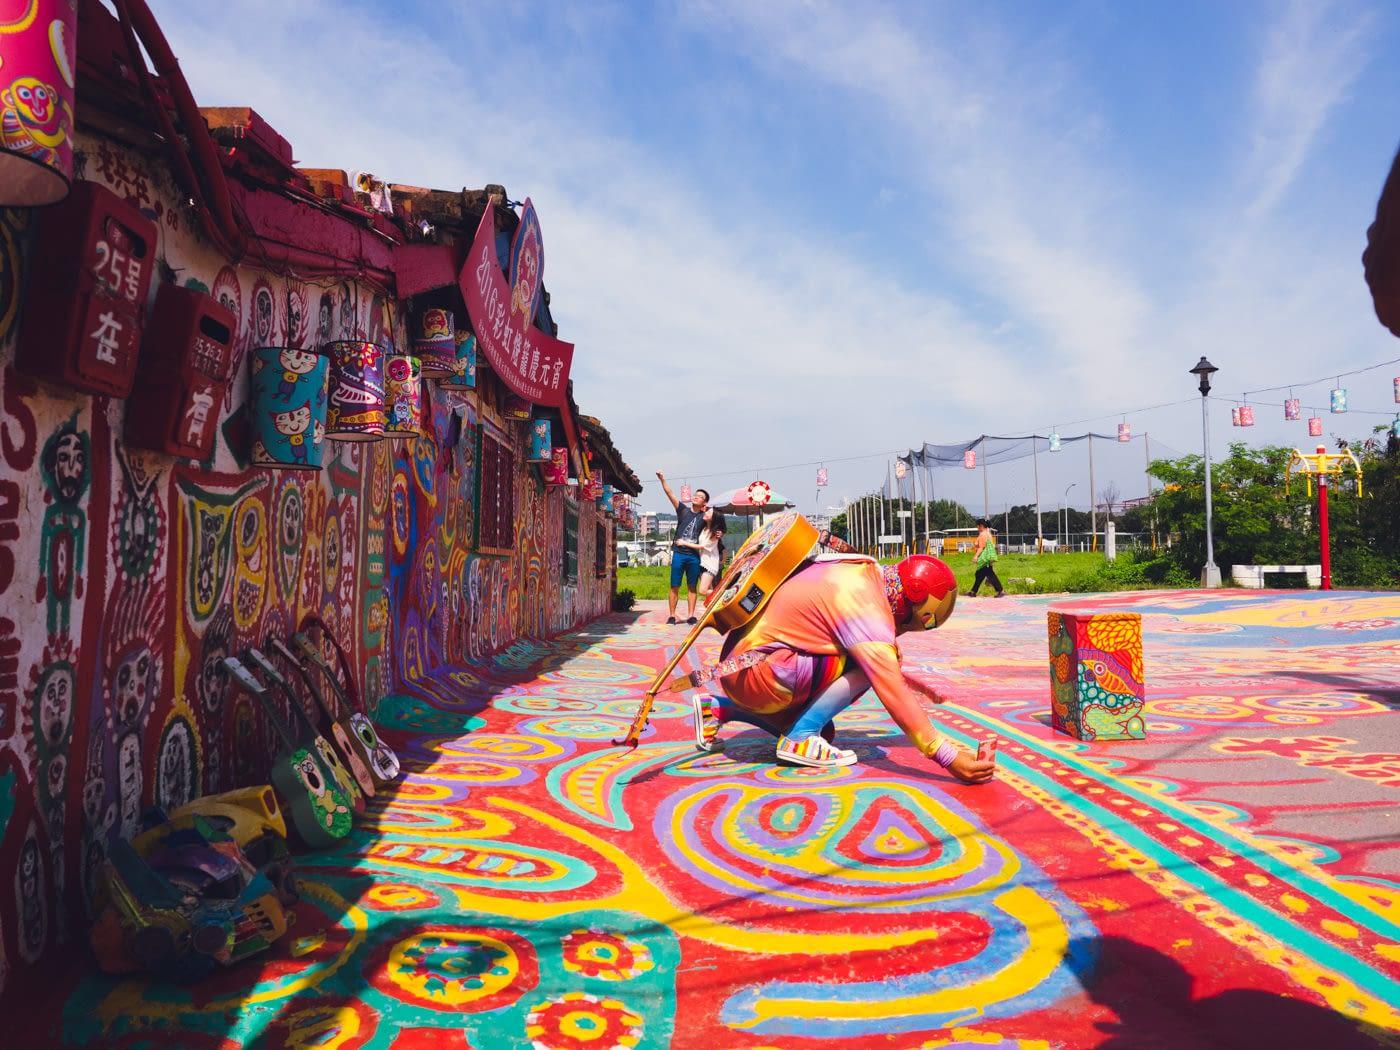 Taiwan - Rainbow Village - Iron man taking perspective selfies